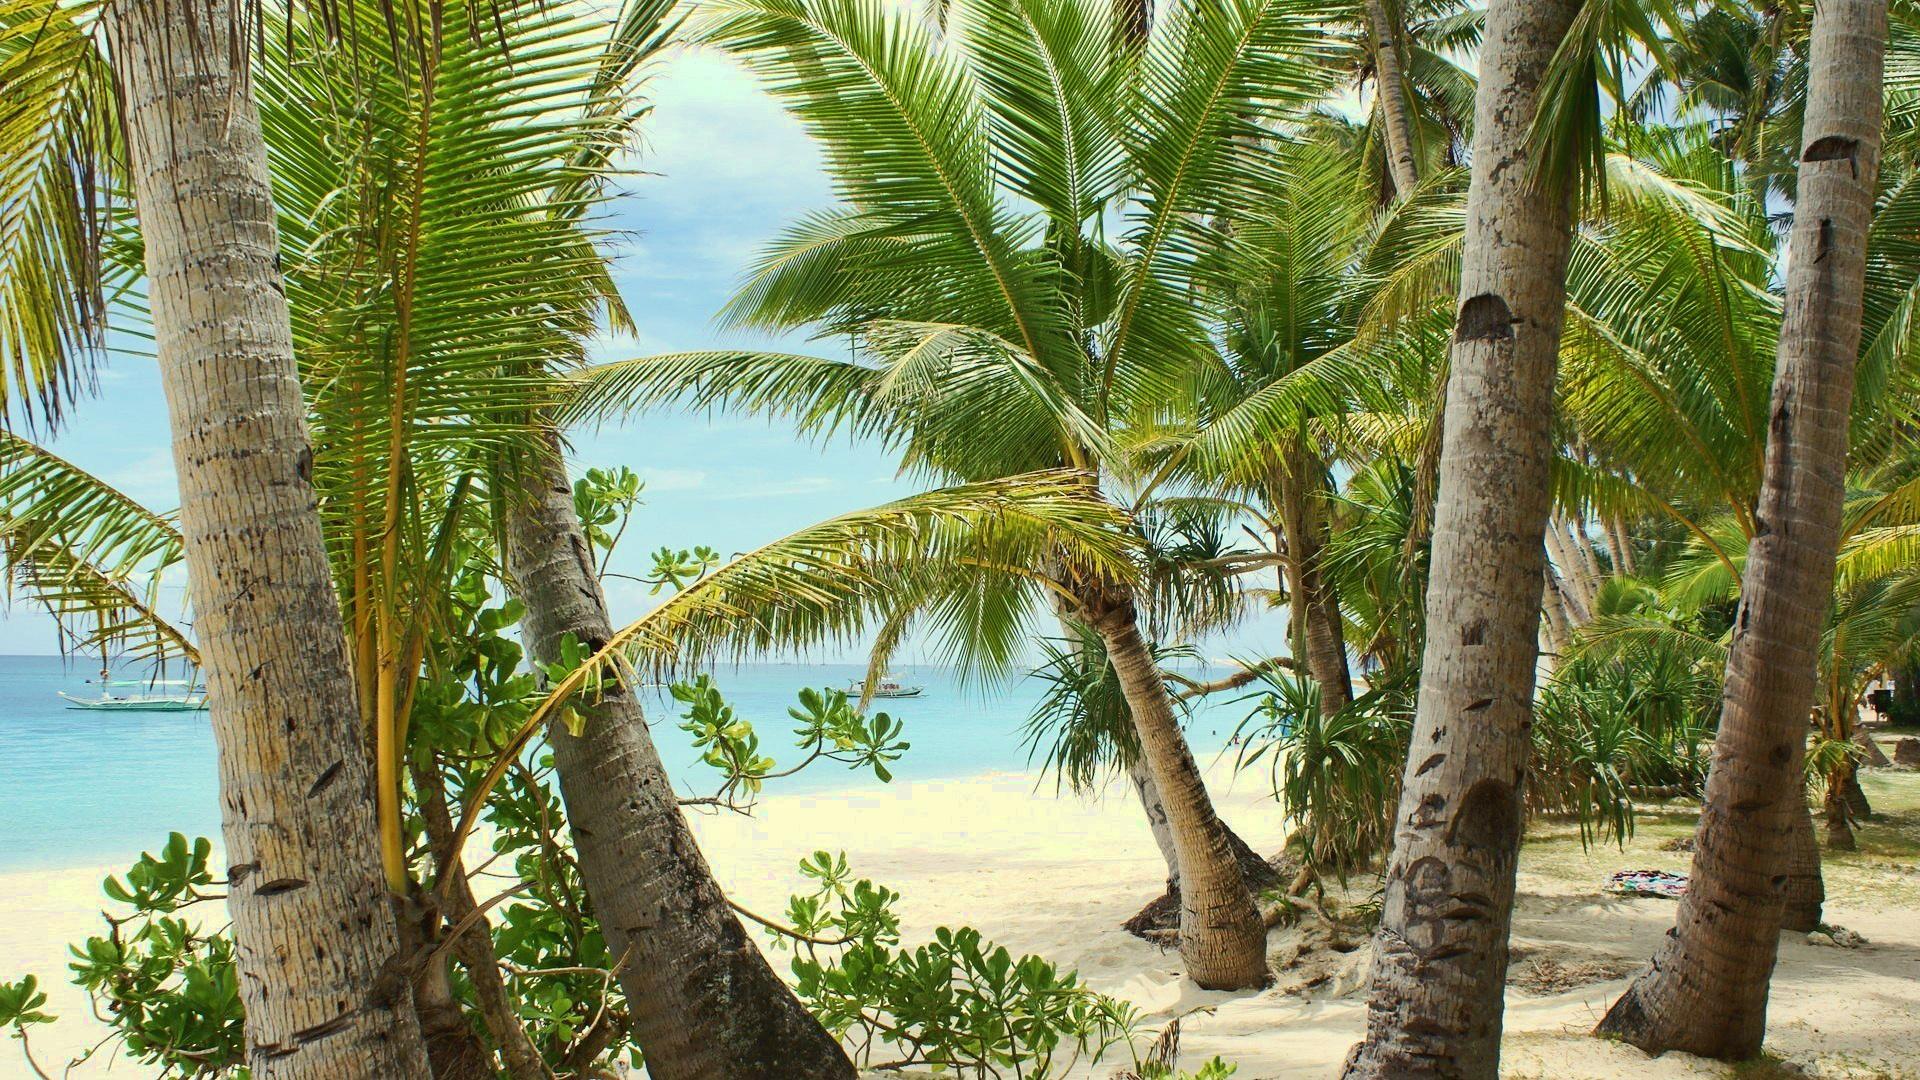 Пляж с лесом без смс